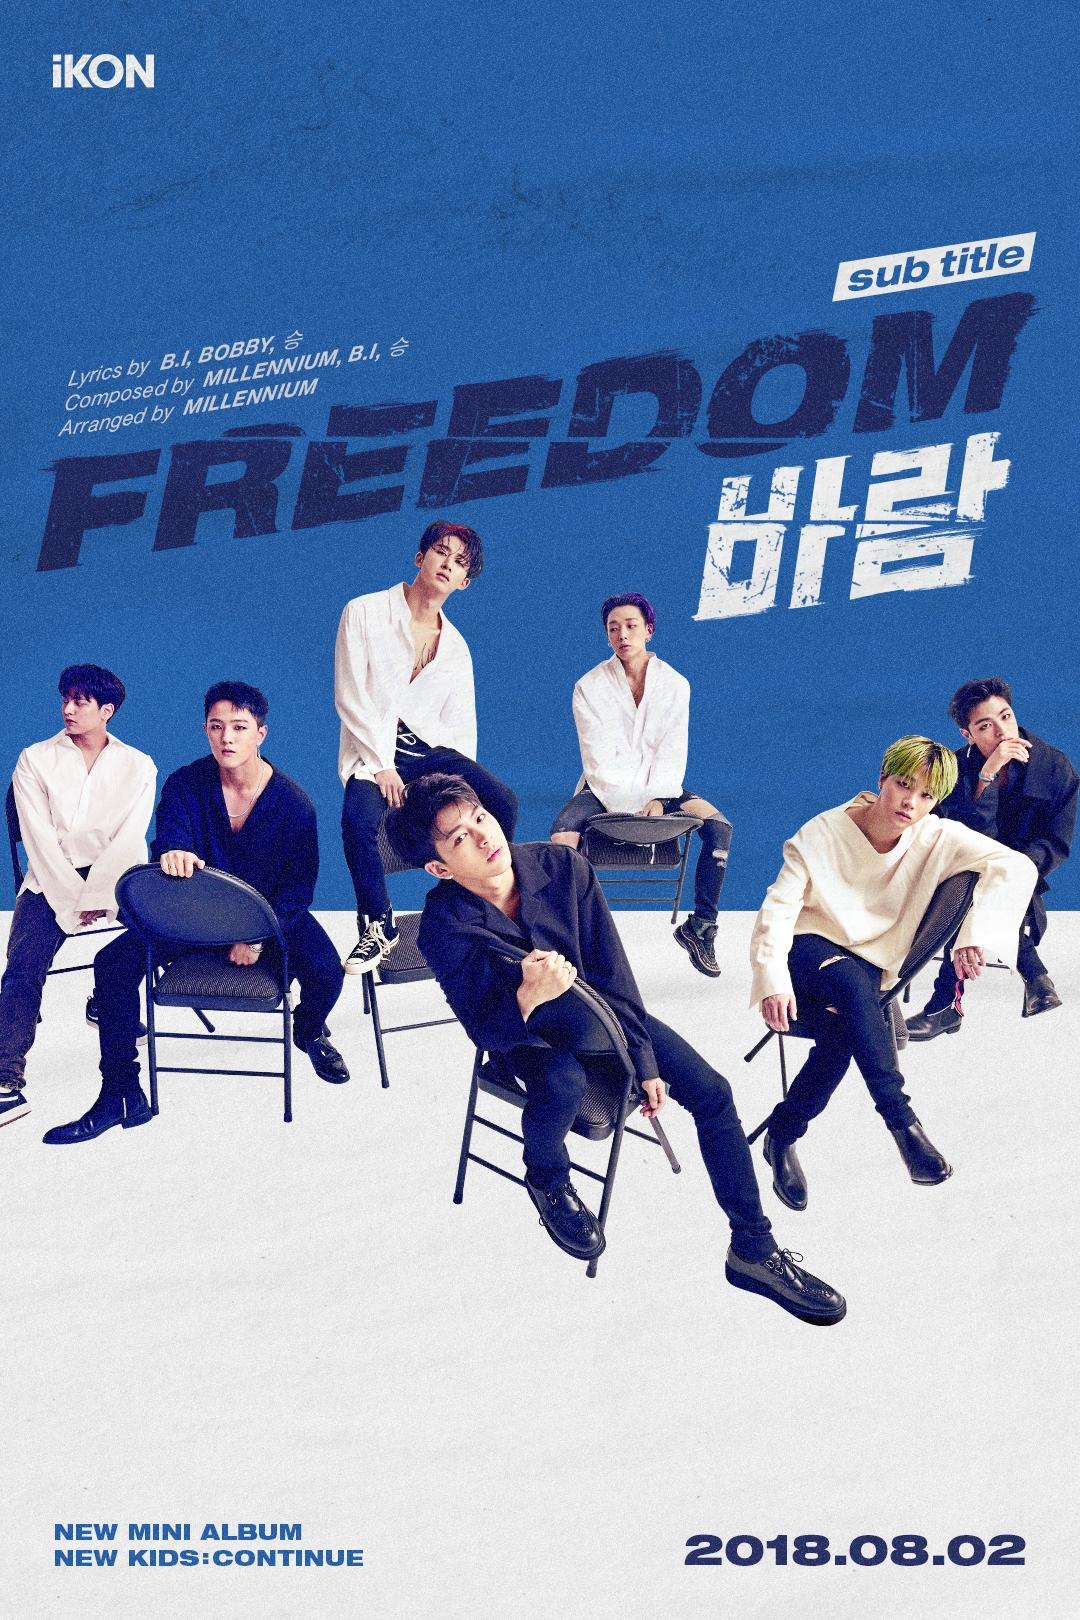 ikon_freedom